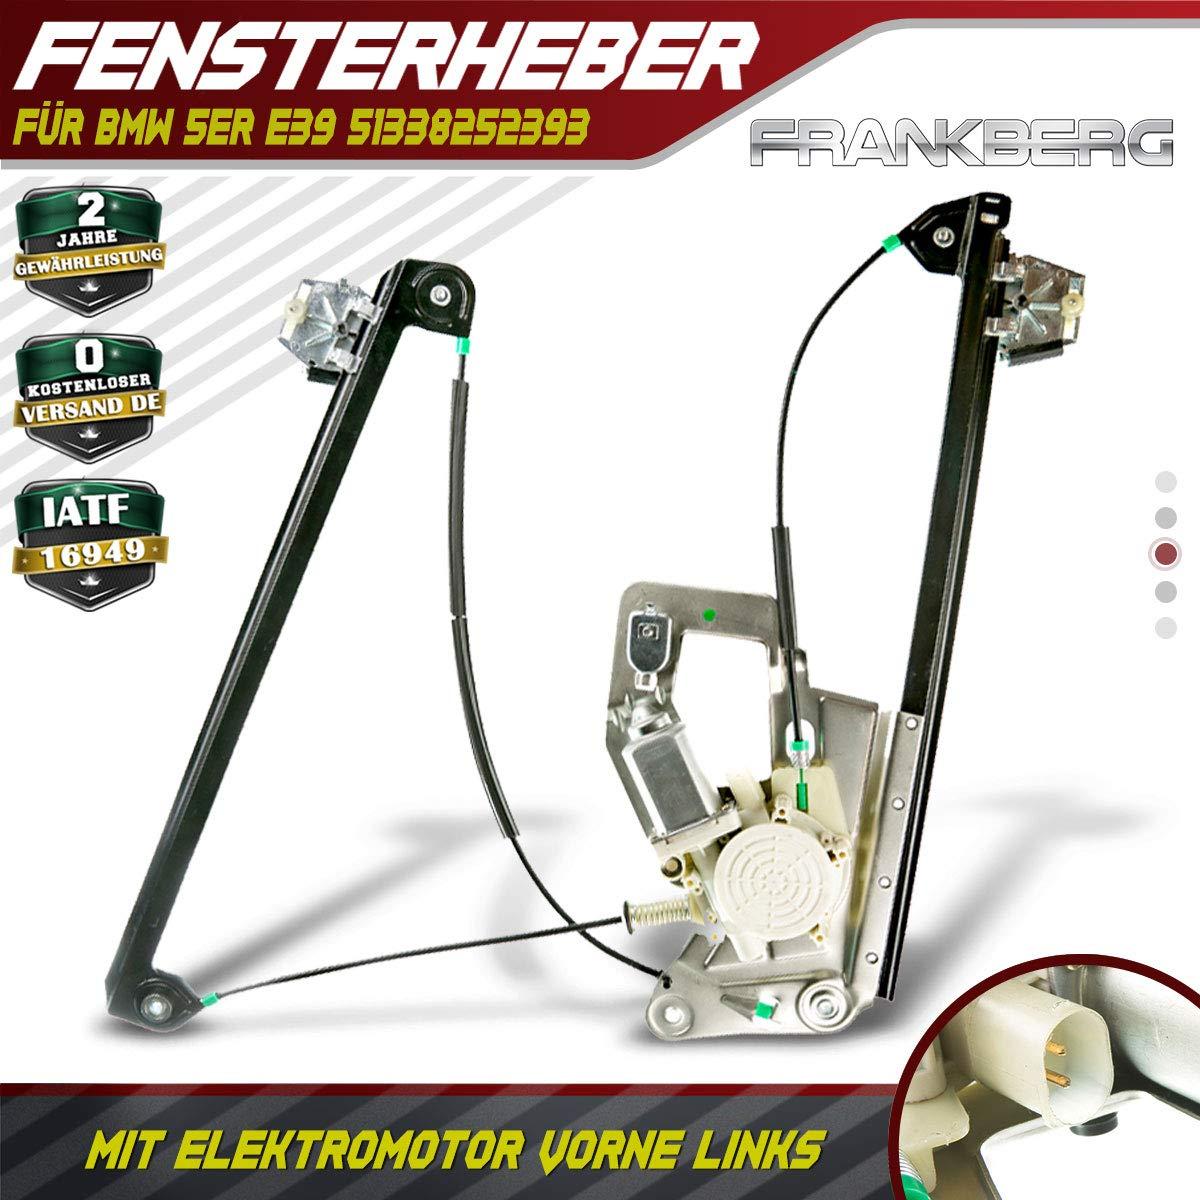 Fensterheber Mit Motor Vorne Links 5er E39 1995-2004 5133825239